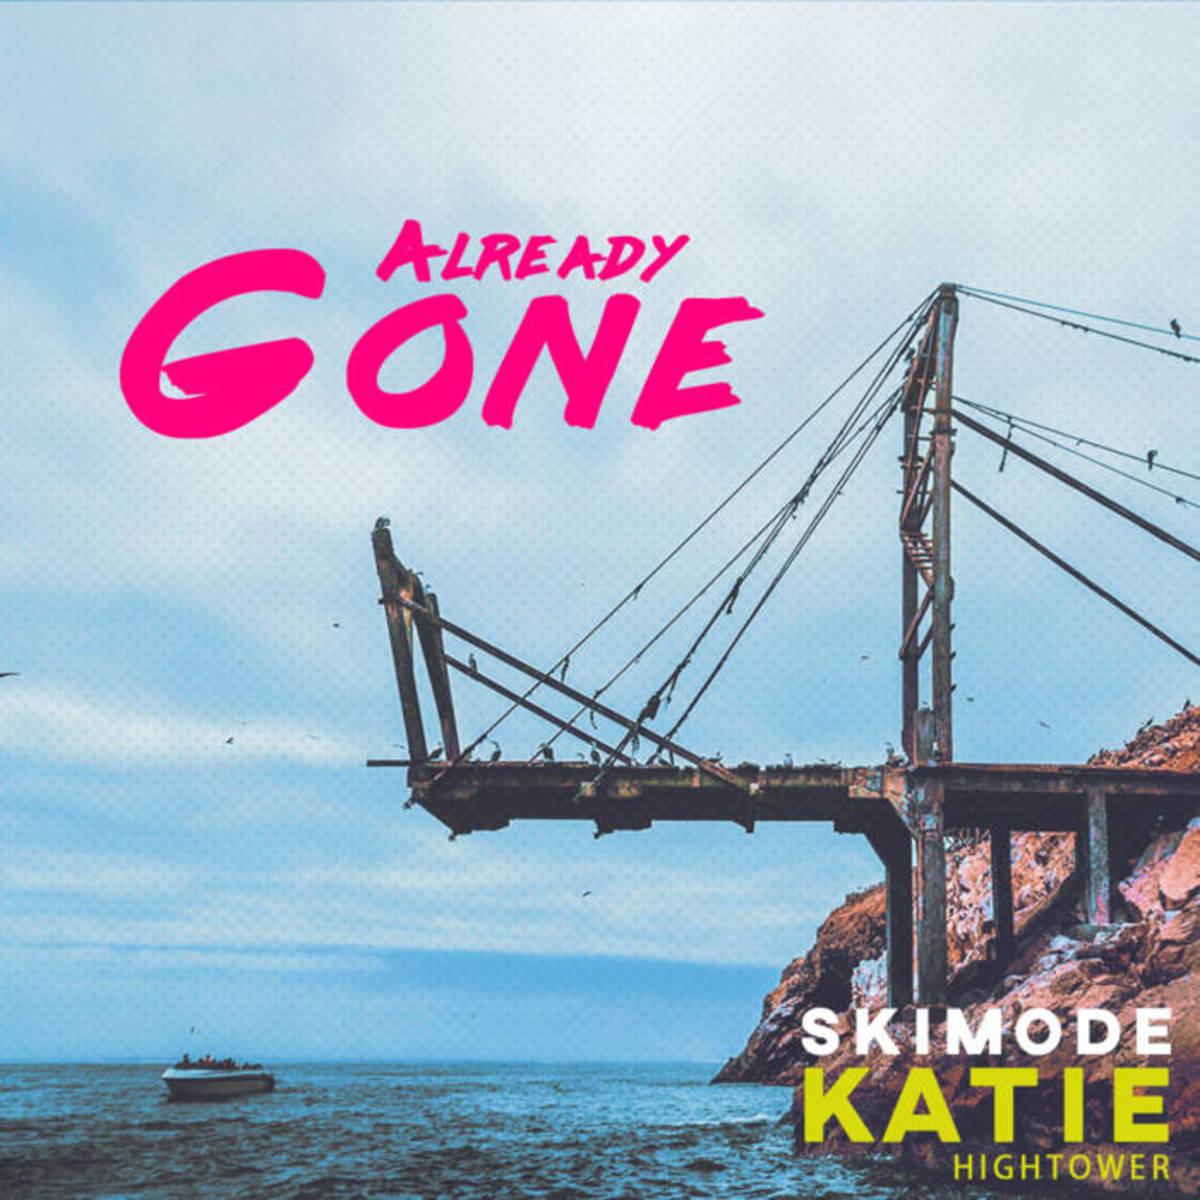 """Artwork for skimode's new single, """"Already Gone."""""""